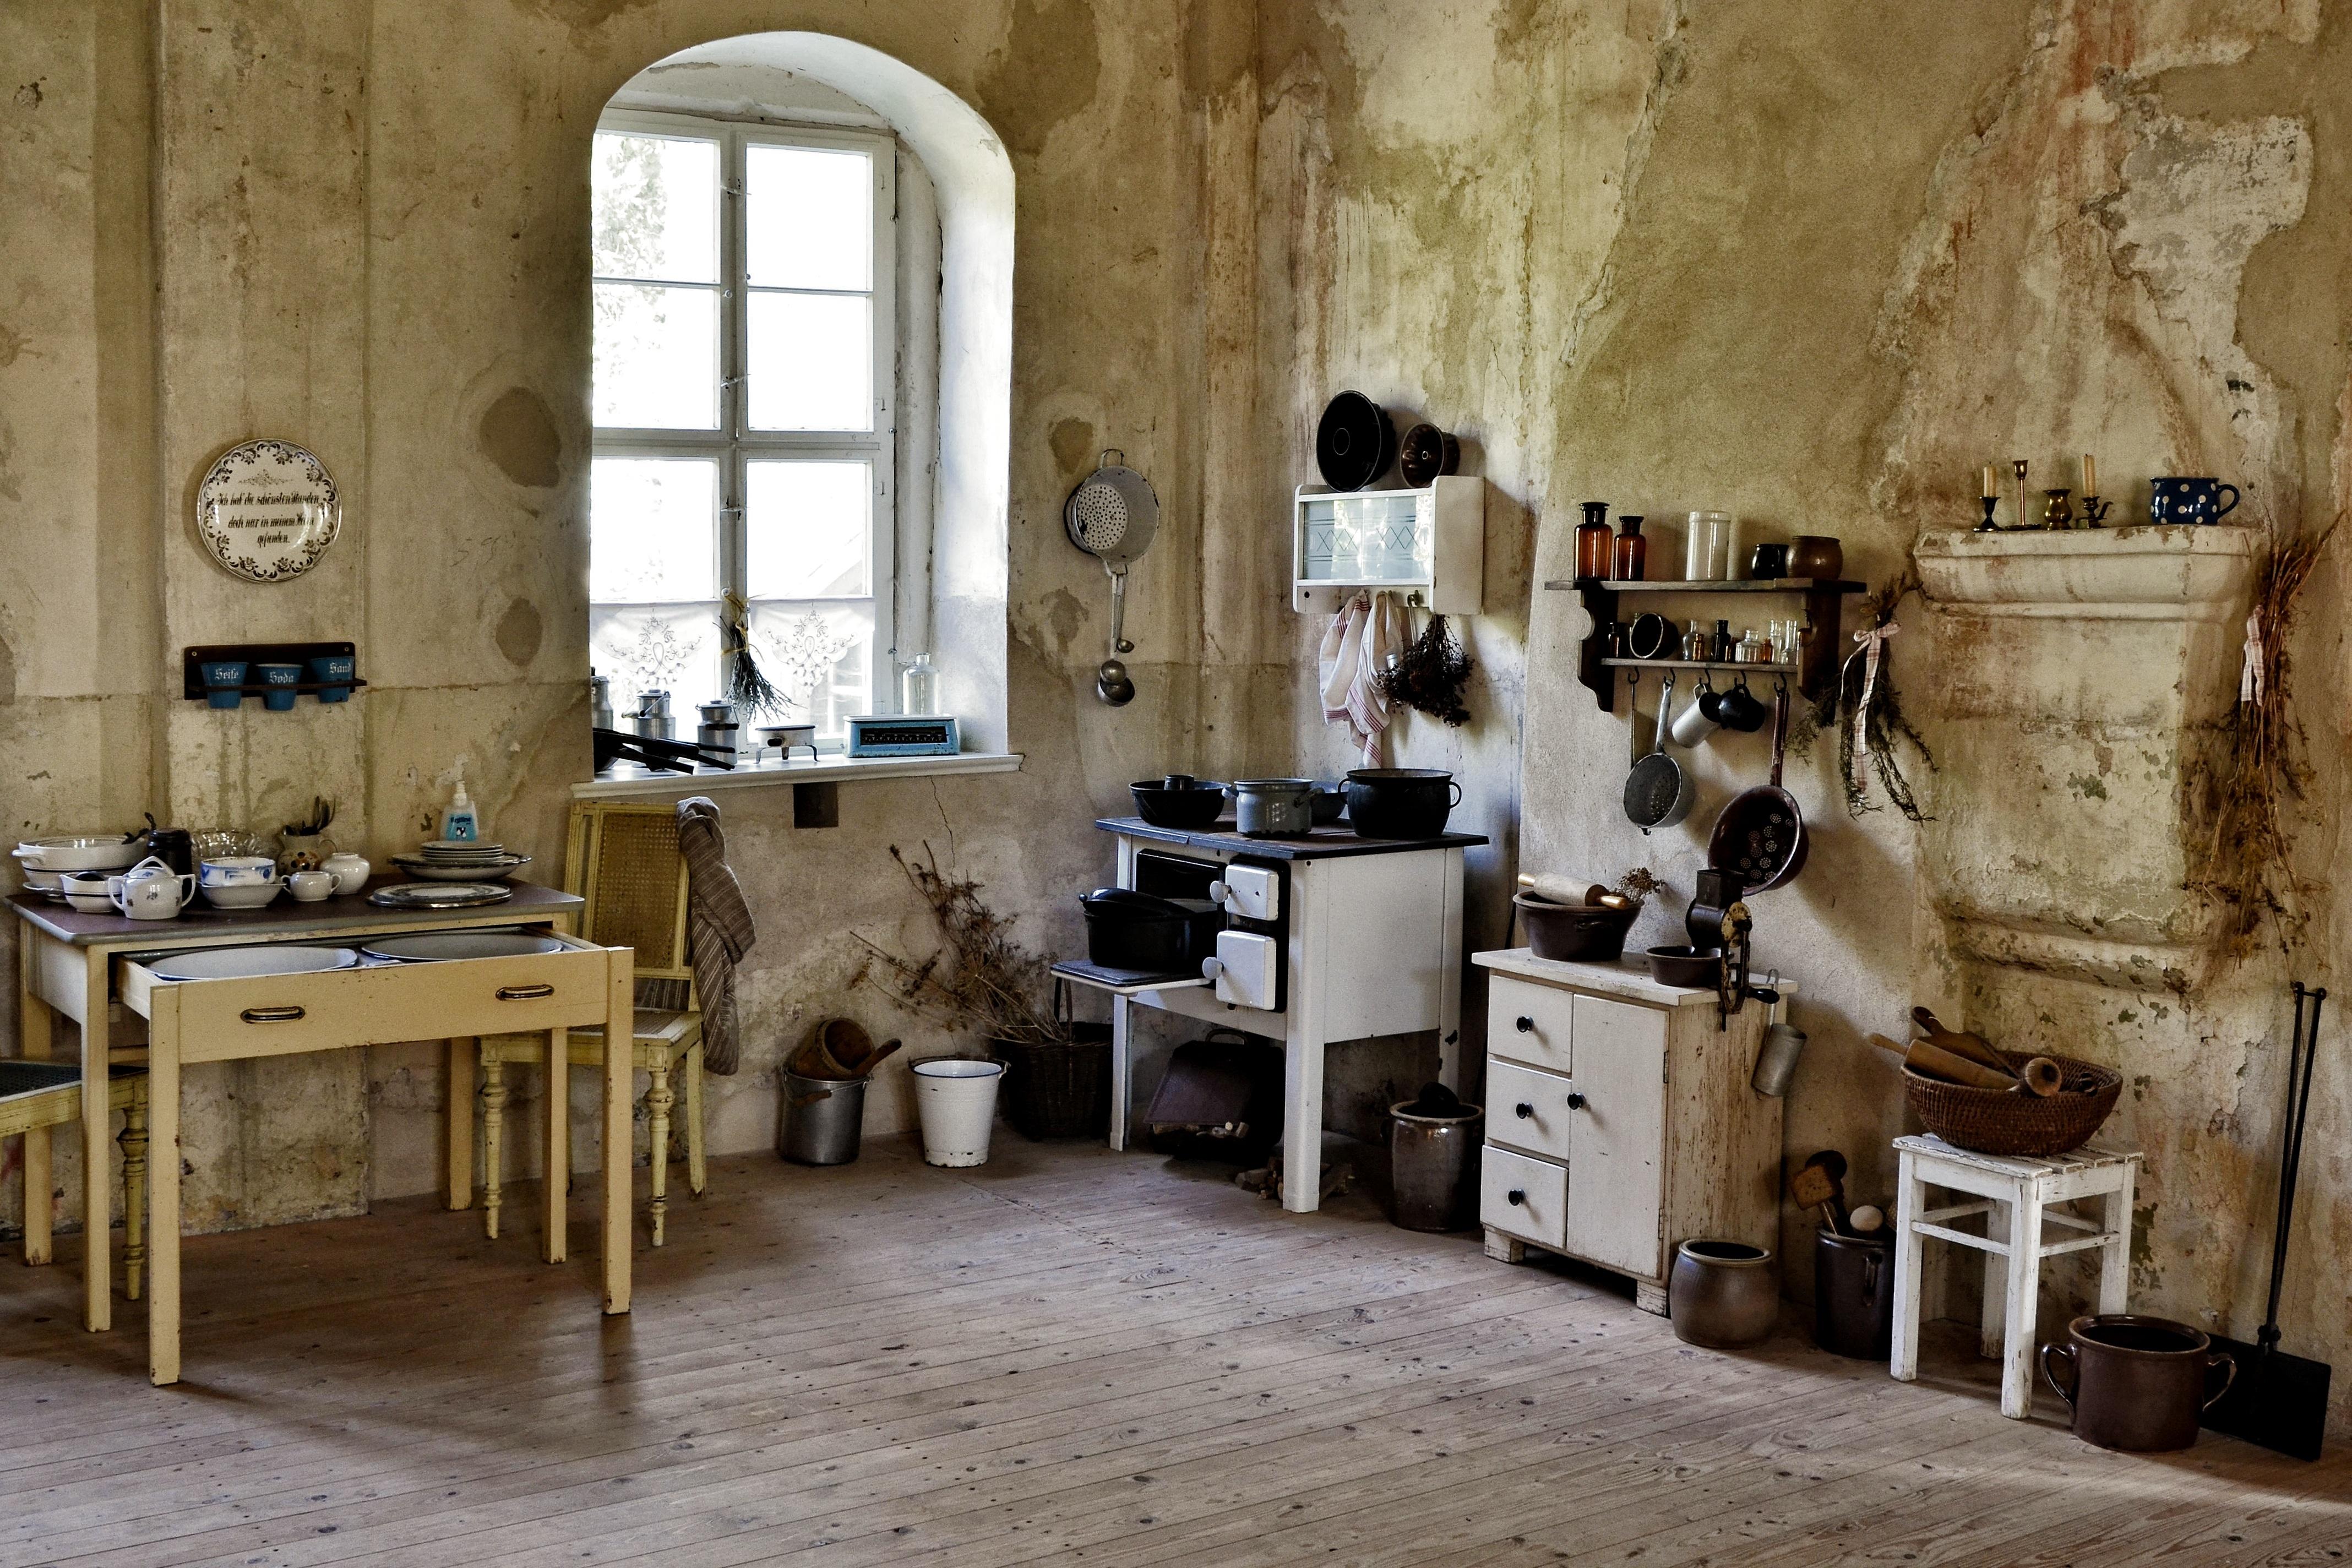 Gratis afbeeldingen tafel hout wijnoogst huis verdieping